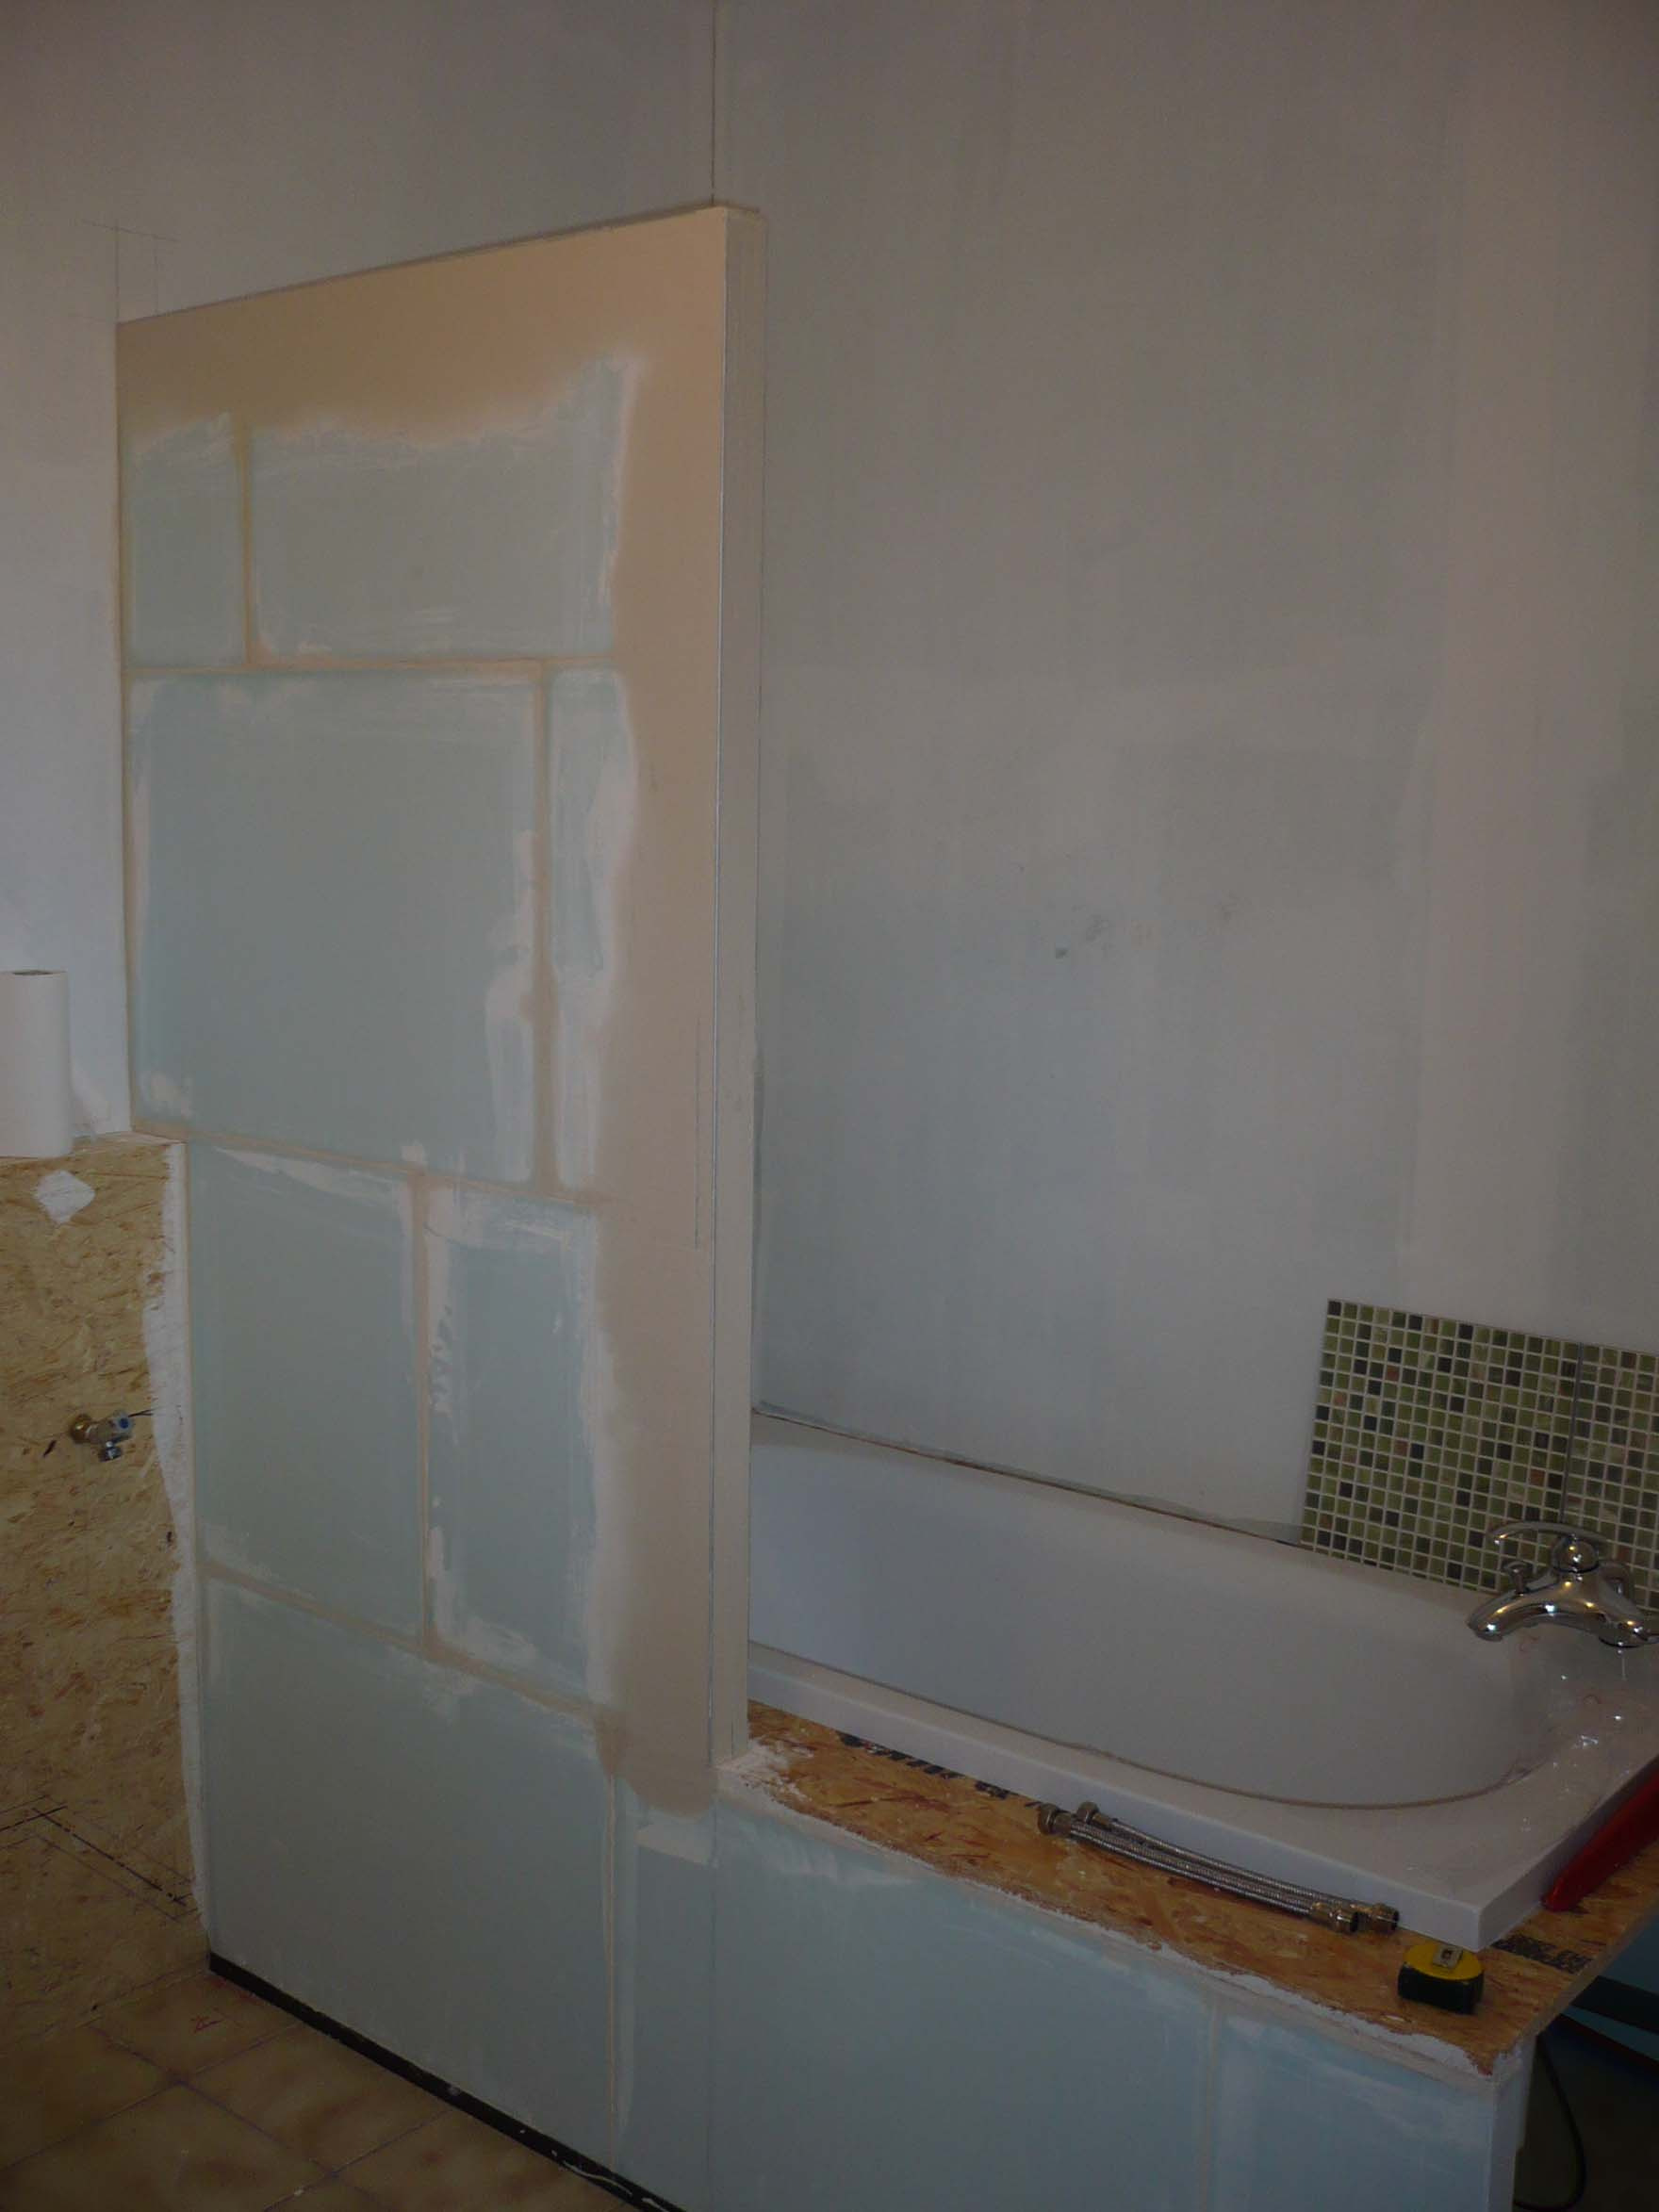 meuble de salle de bain en carreaux de platre - Platre Salle De Bain